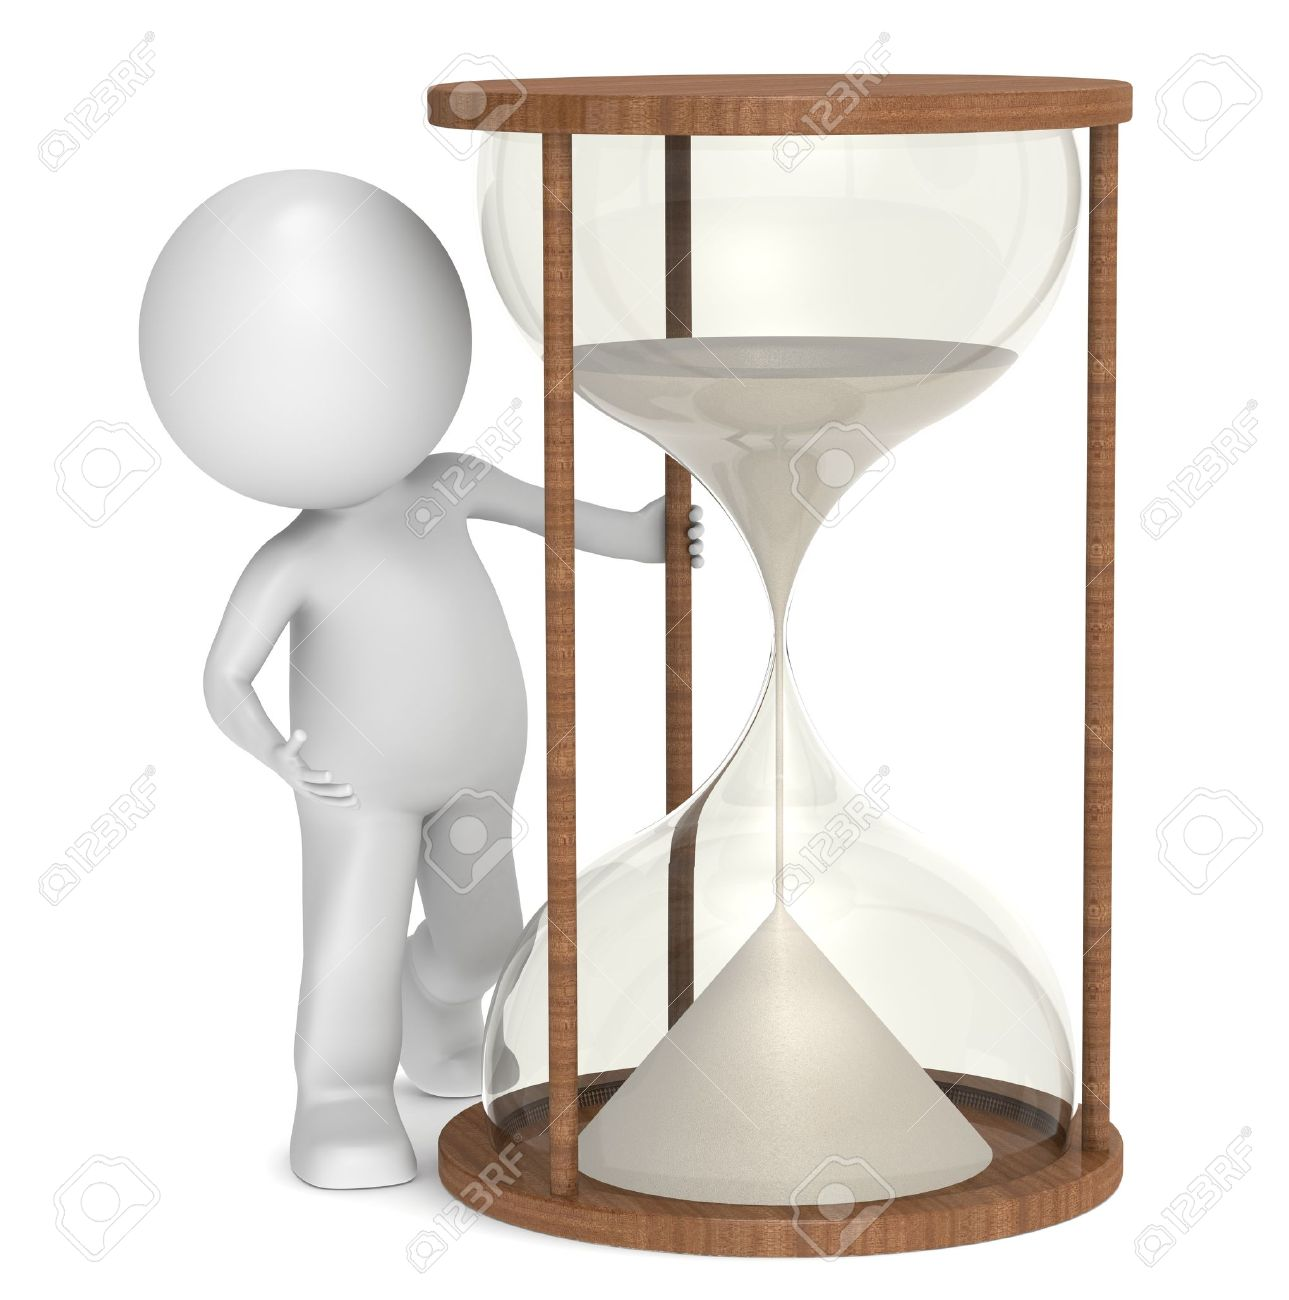 Carácter Humano Con Arena Reloj Poco 3d Un De CoBeWrdx